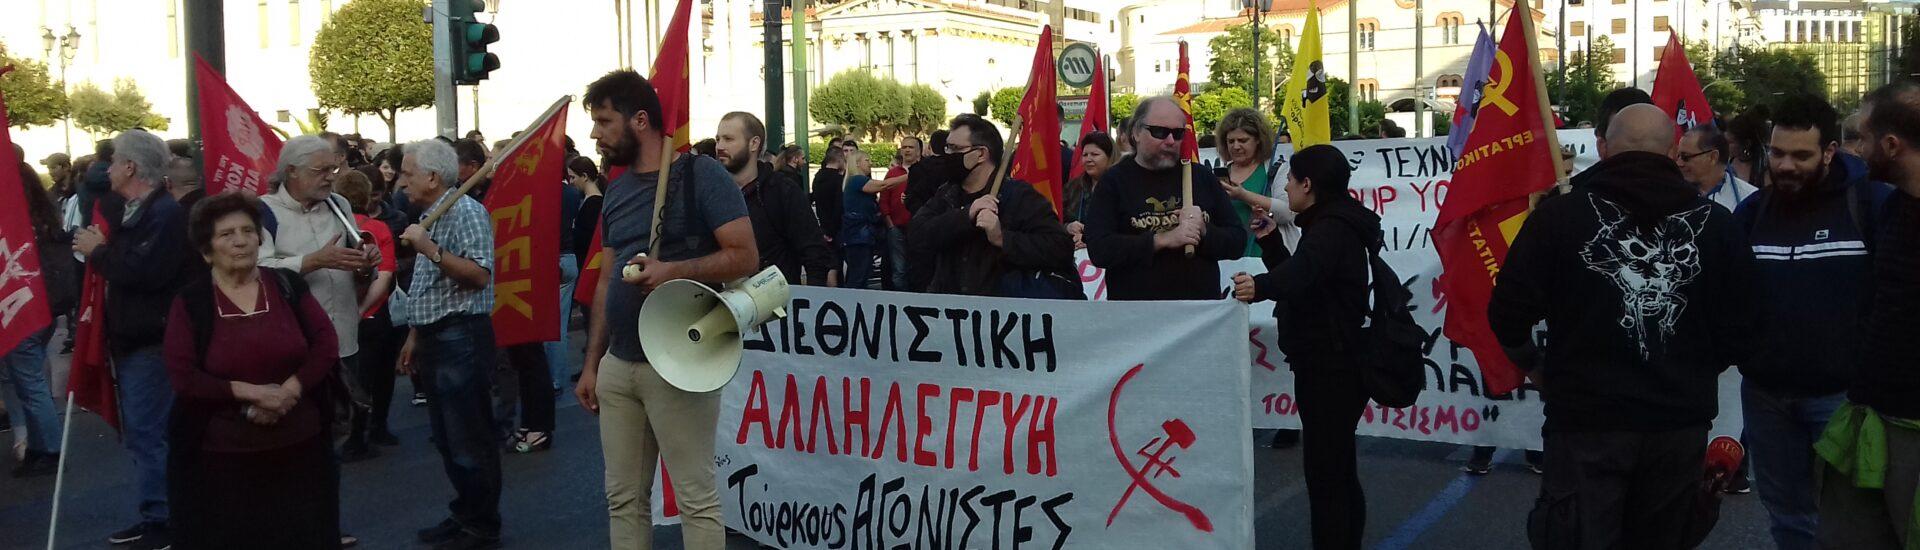 Διαδήλωση αλληλεγγύης στους Τούρκους αγωνιστές